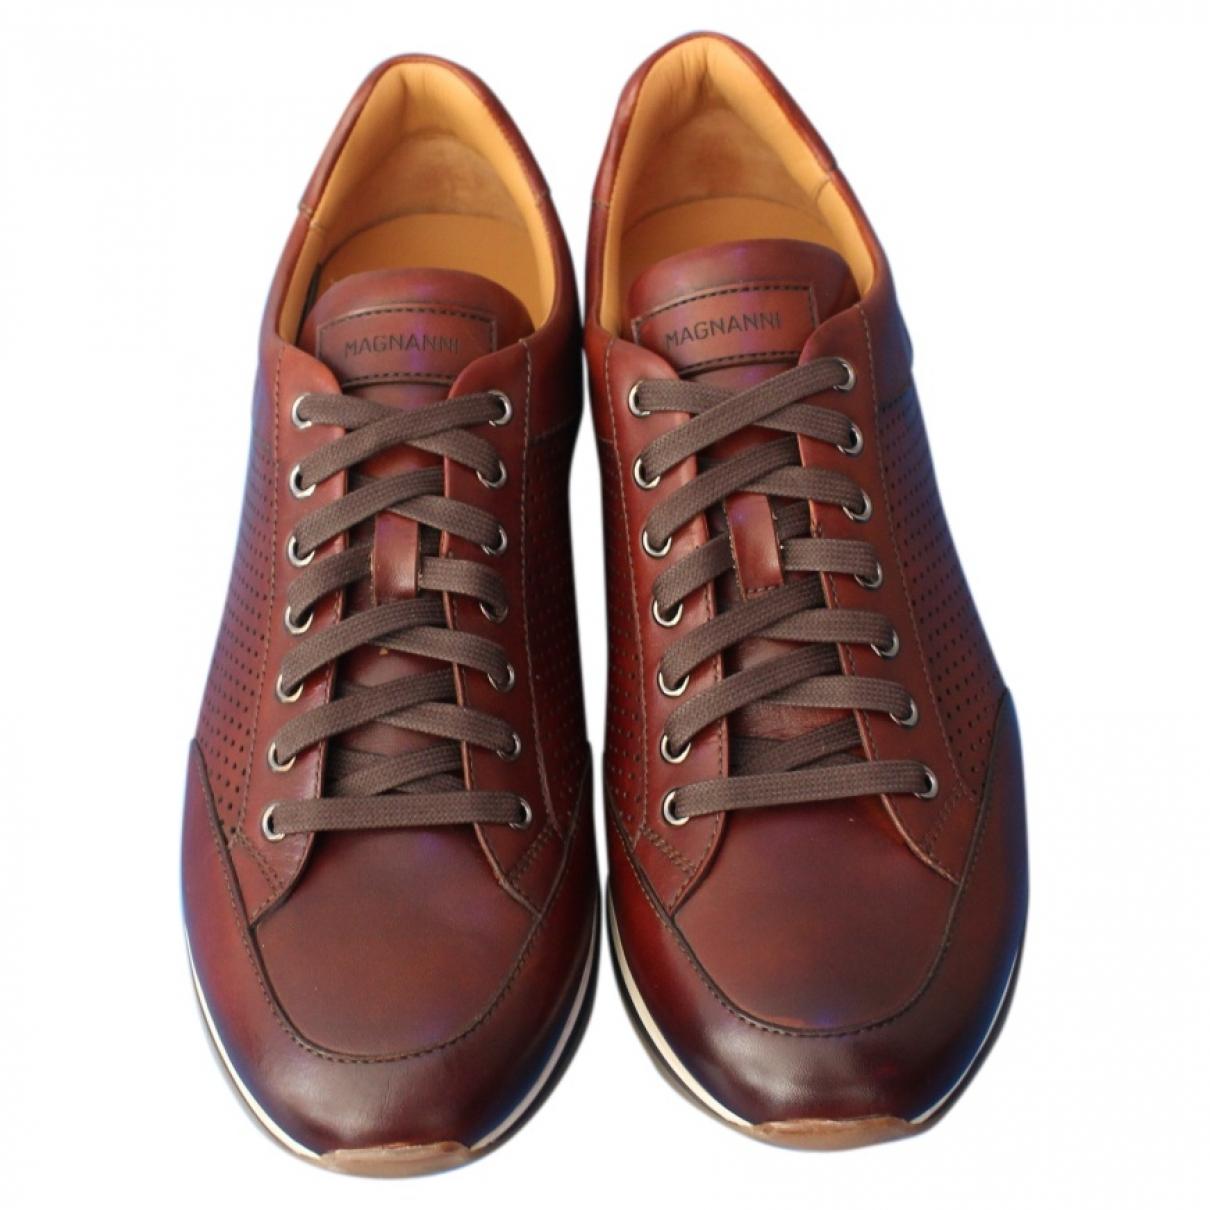 Magnanni - Baskets   pour homme en cuir - marron